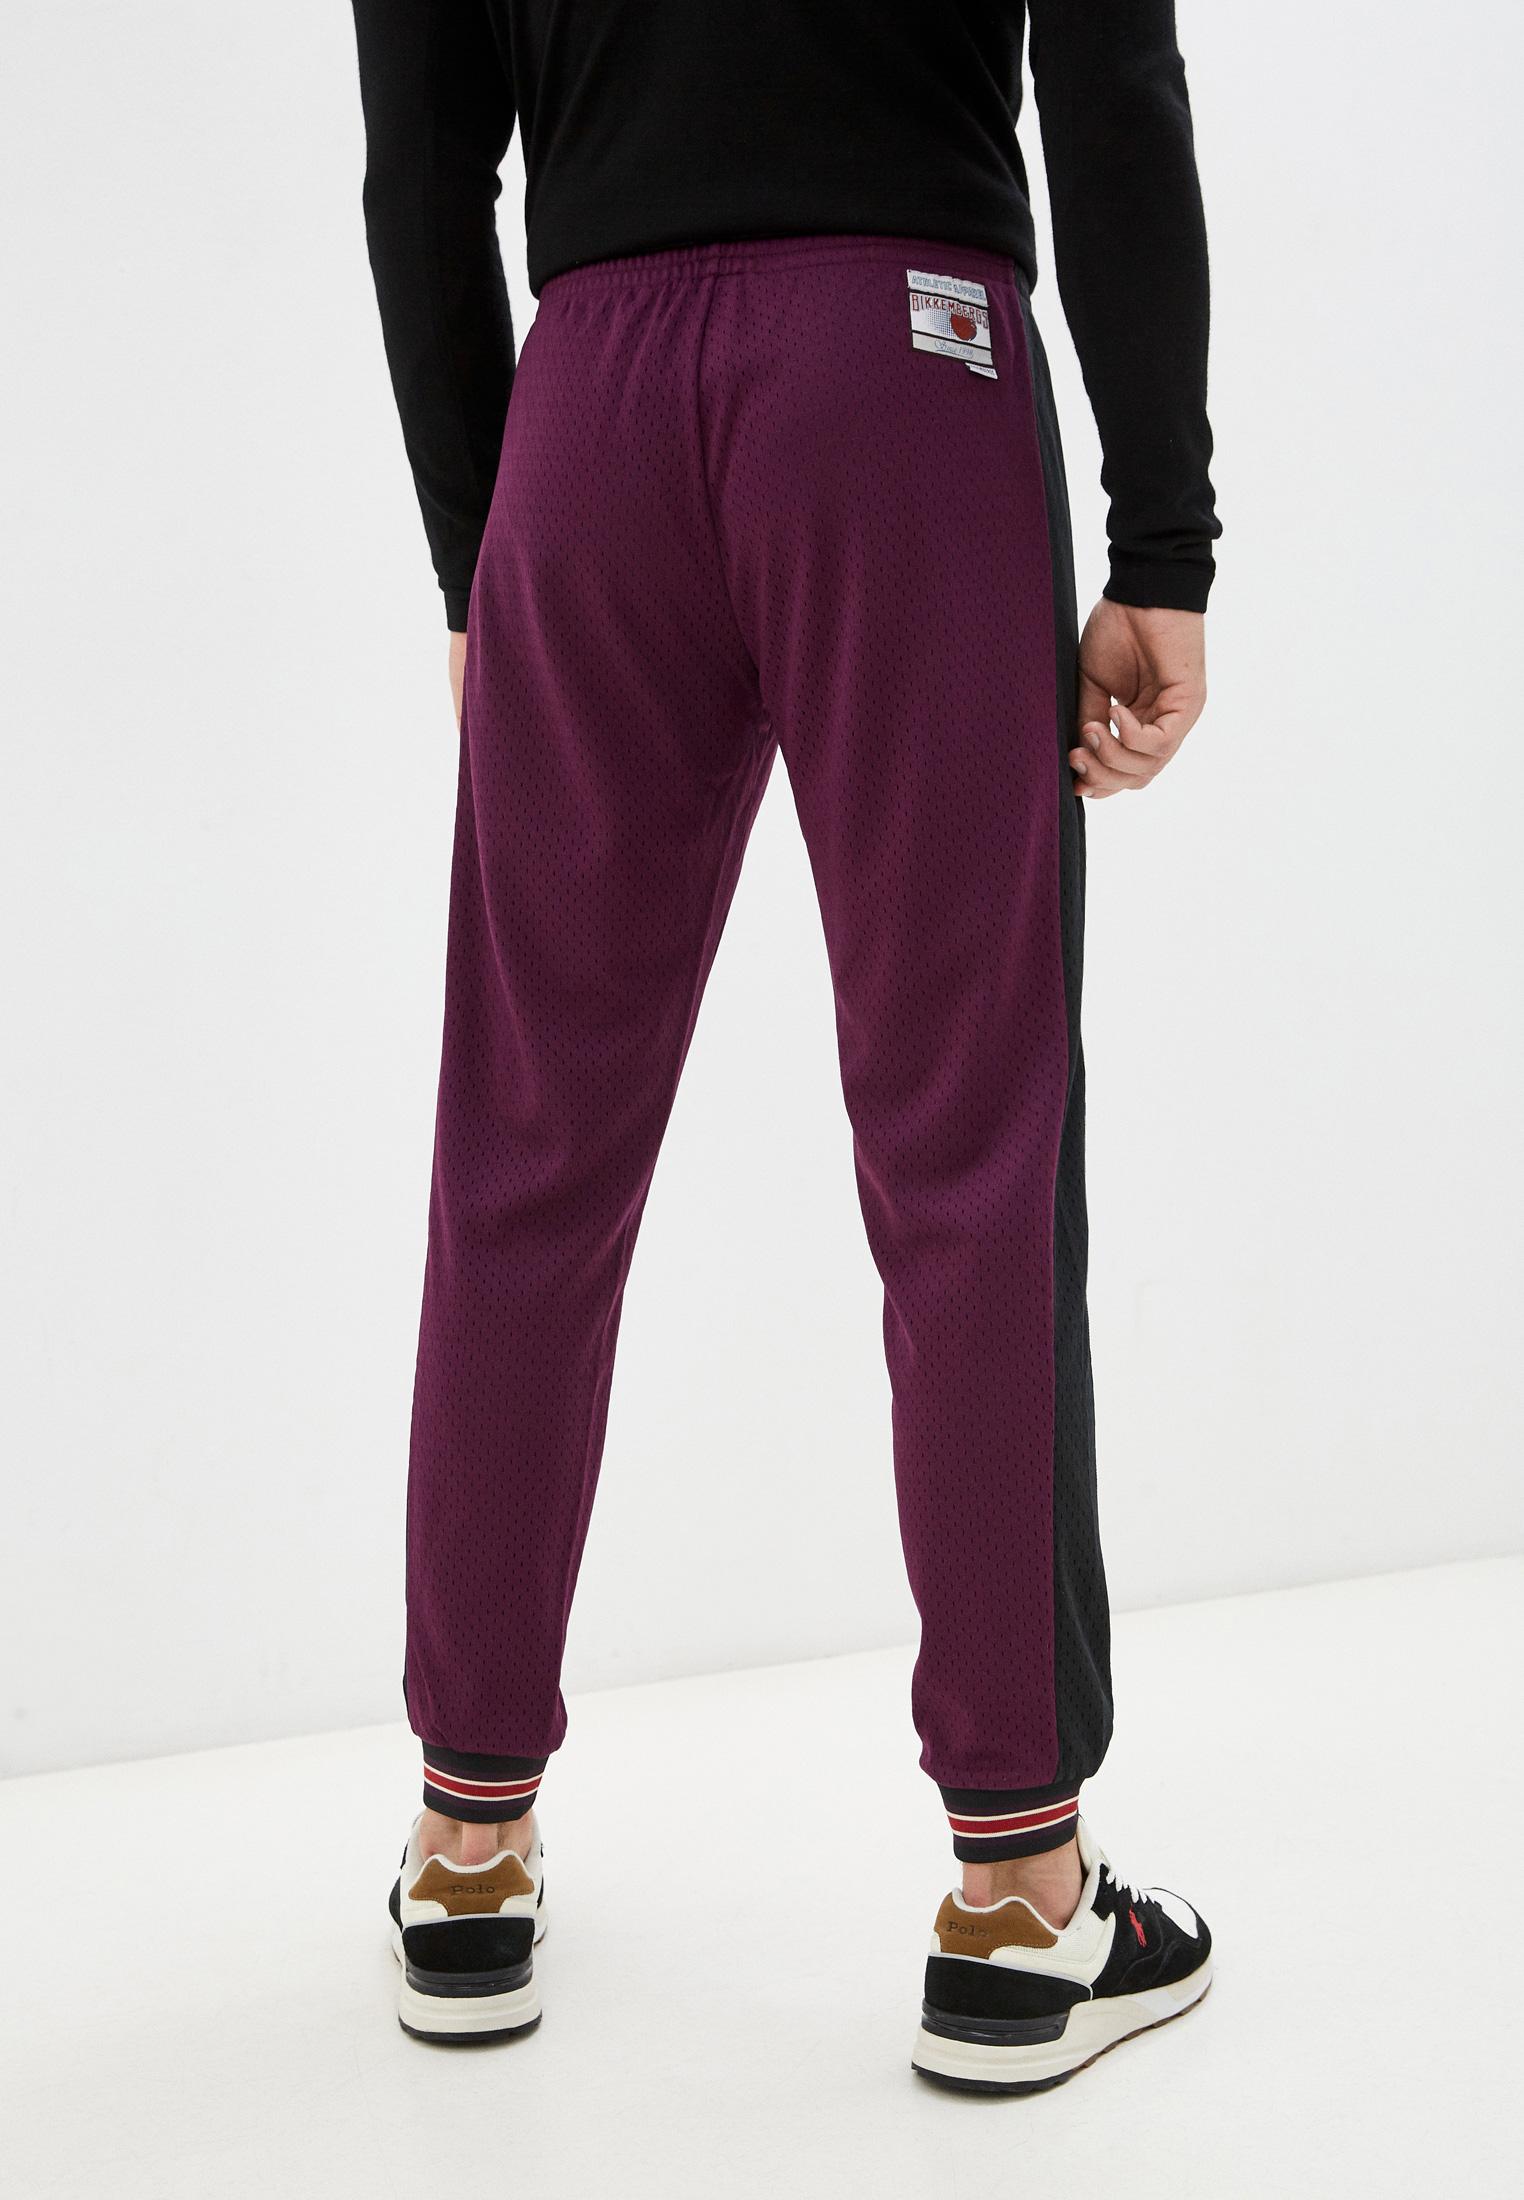 Мужские спортивные брюки Bikkembergs (Биккембергс) C 1 157 00 M 4224: изображение 4